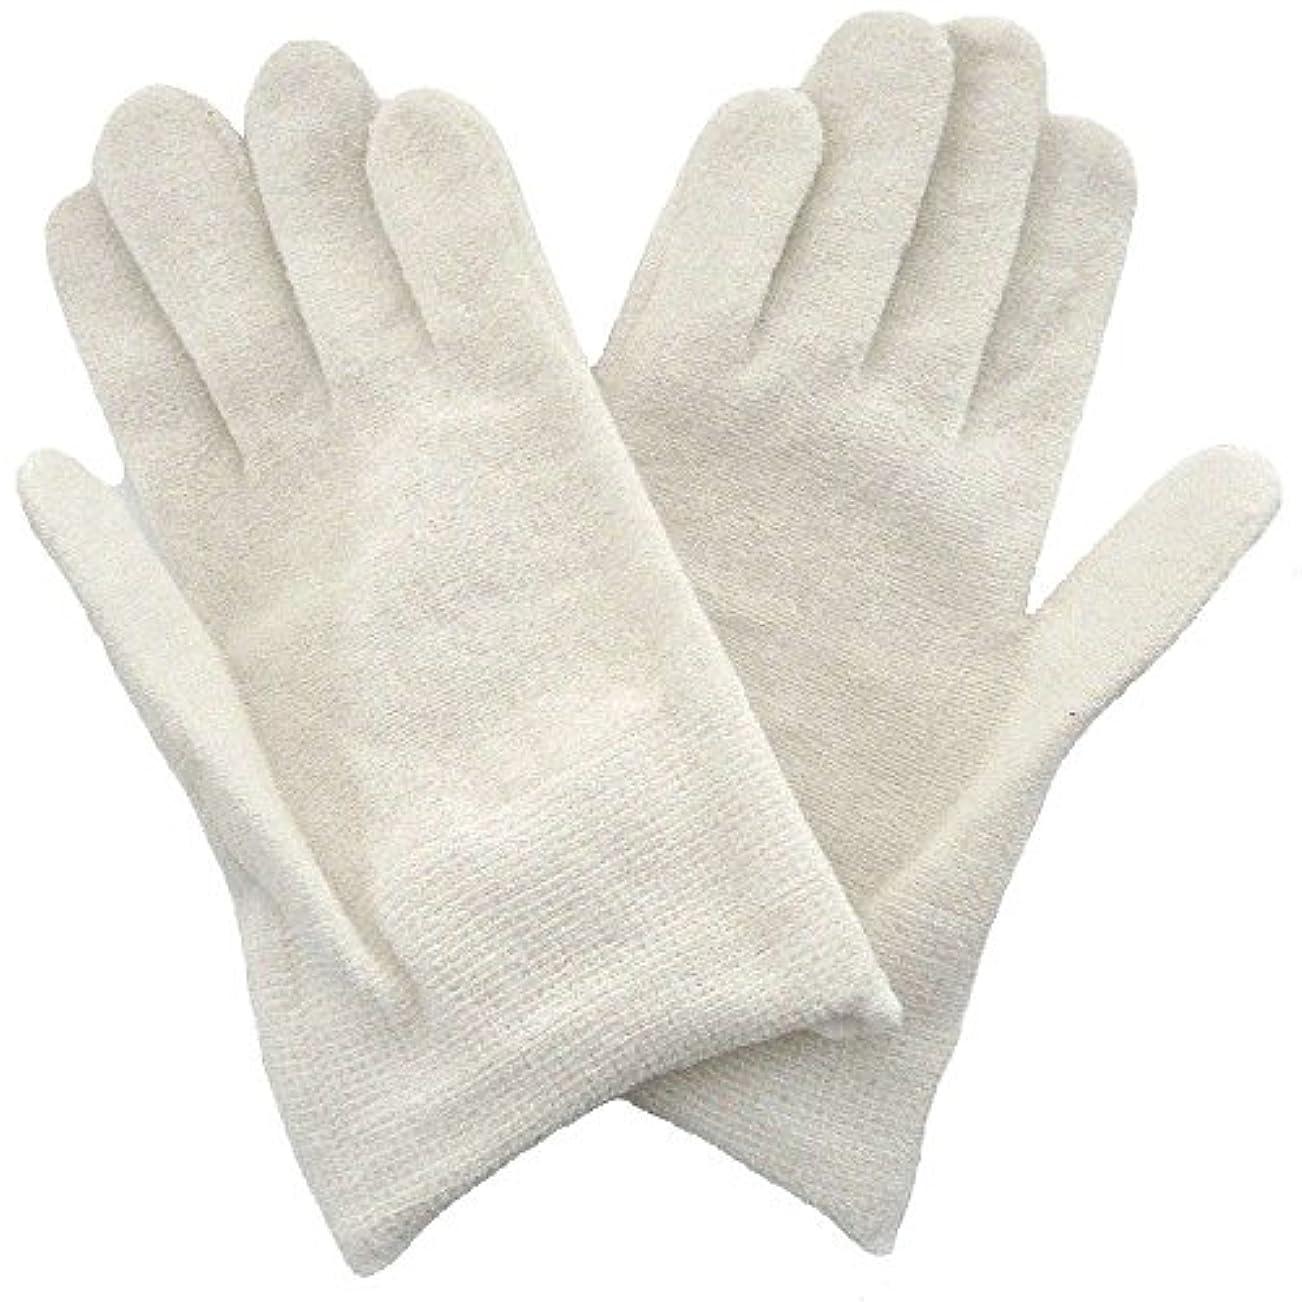 預言者吹きさらし副産物【アトピー】【水疱瘡】【皮膚炎】 ナノミックス おやすみ手袋:キッズ用 ホワイト